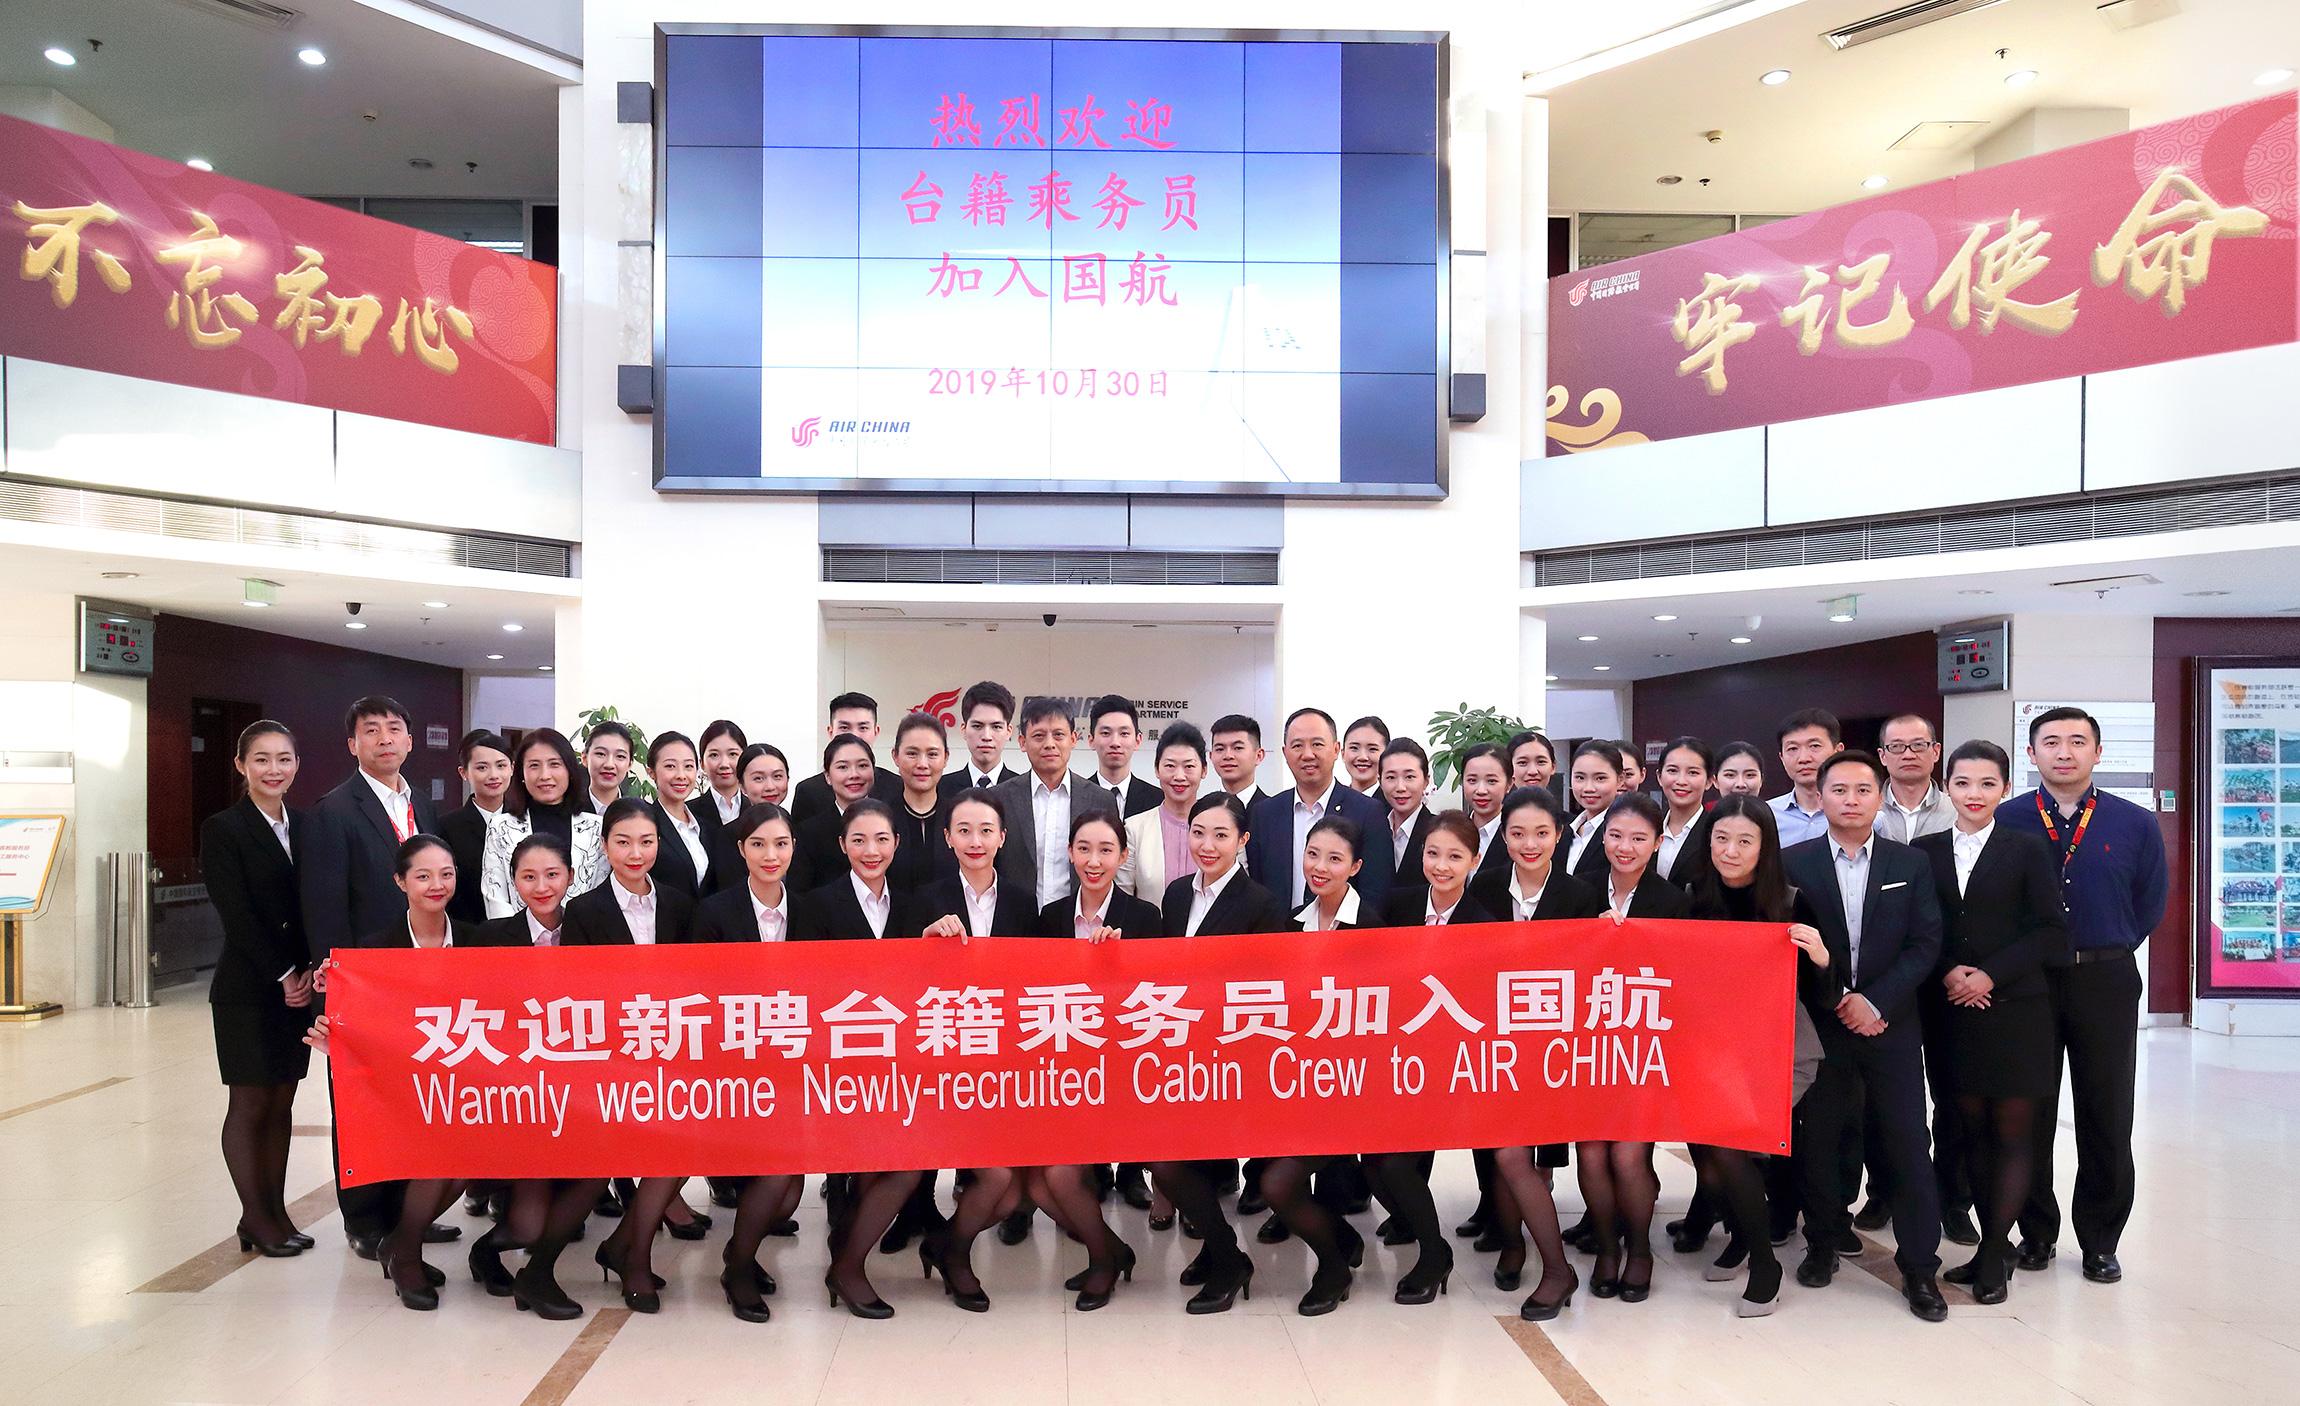 国航正式聘用首批台籍乘务员:计划明年2月正式上机飞行